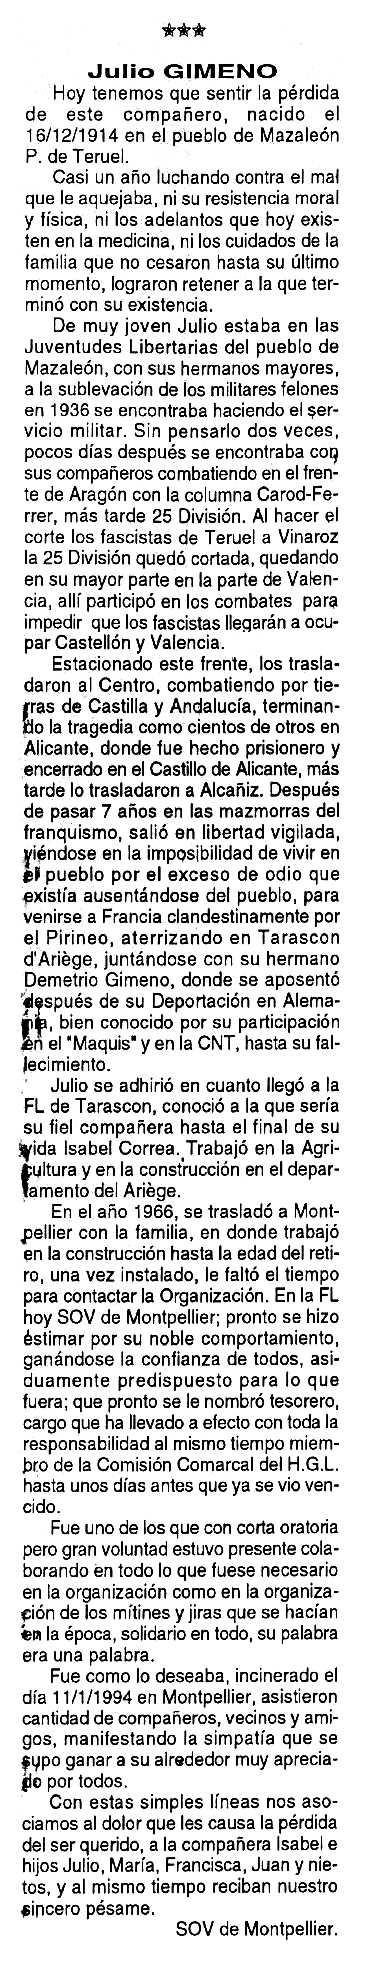 """Necrològica de Julio Gimeno apareguda en el periòdic tolosà """"Cenit"""" del 12 de febrer de 1994"""